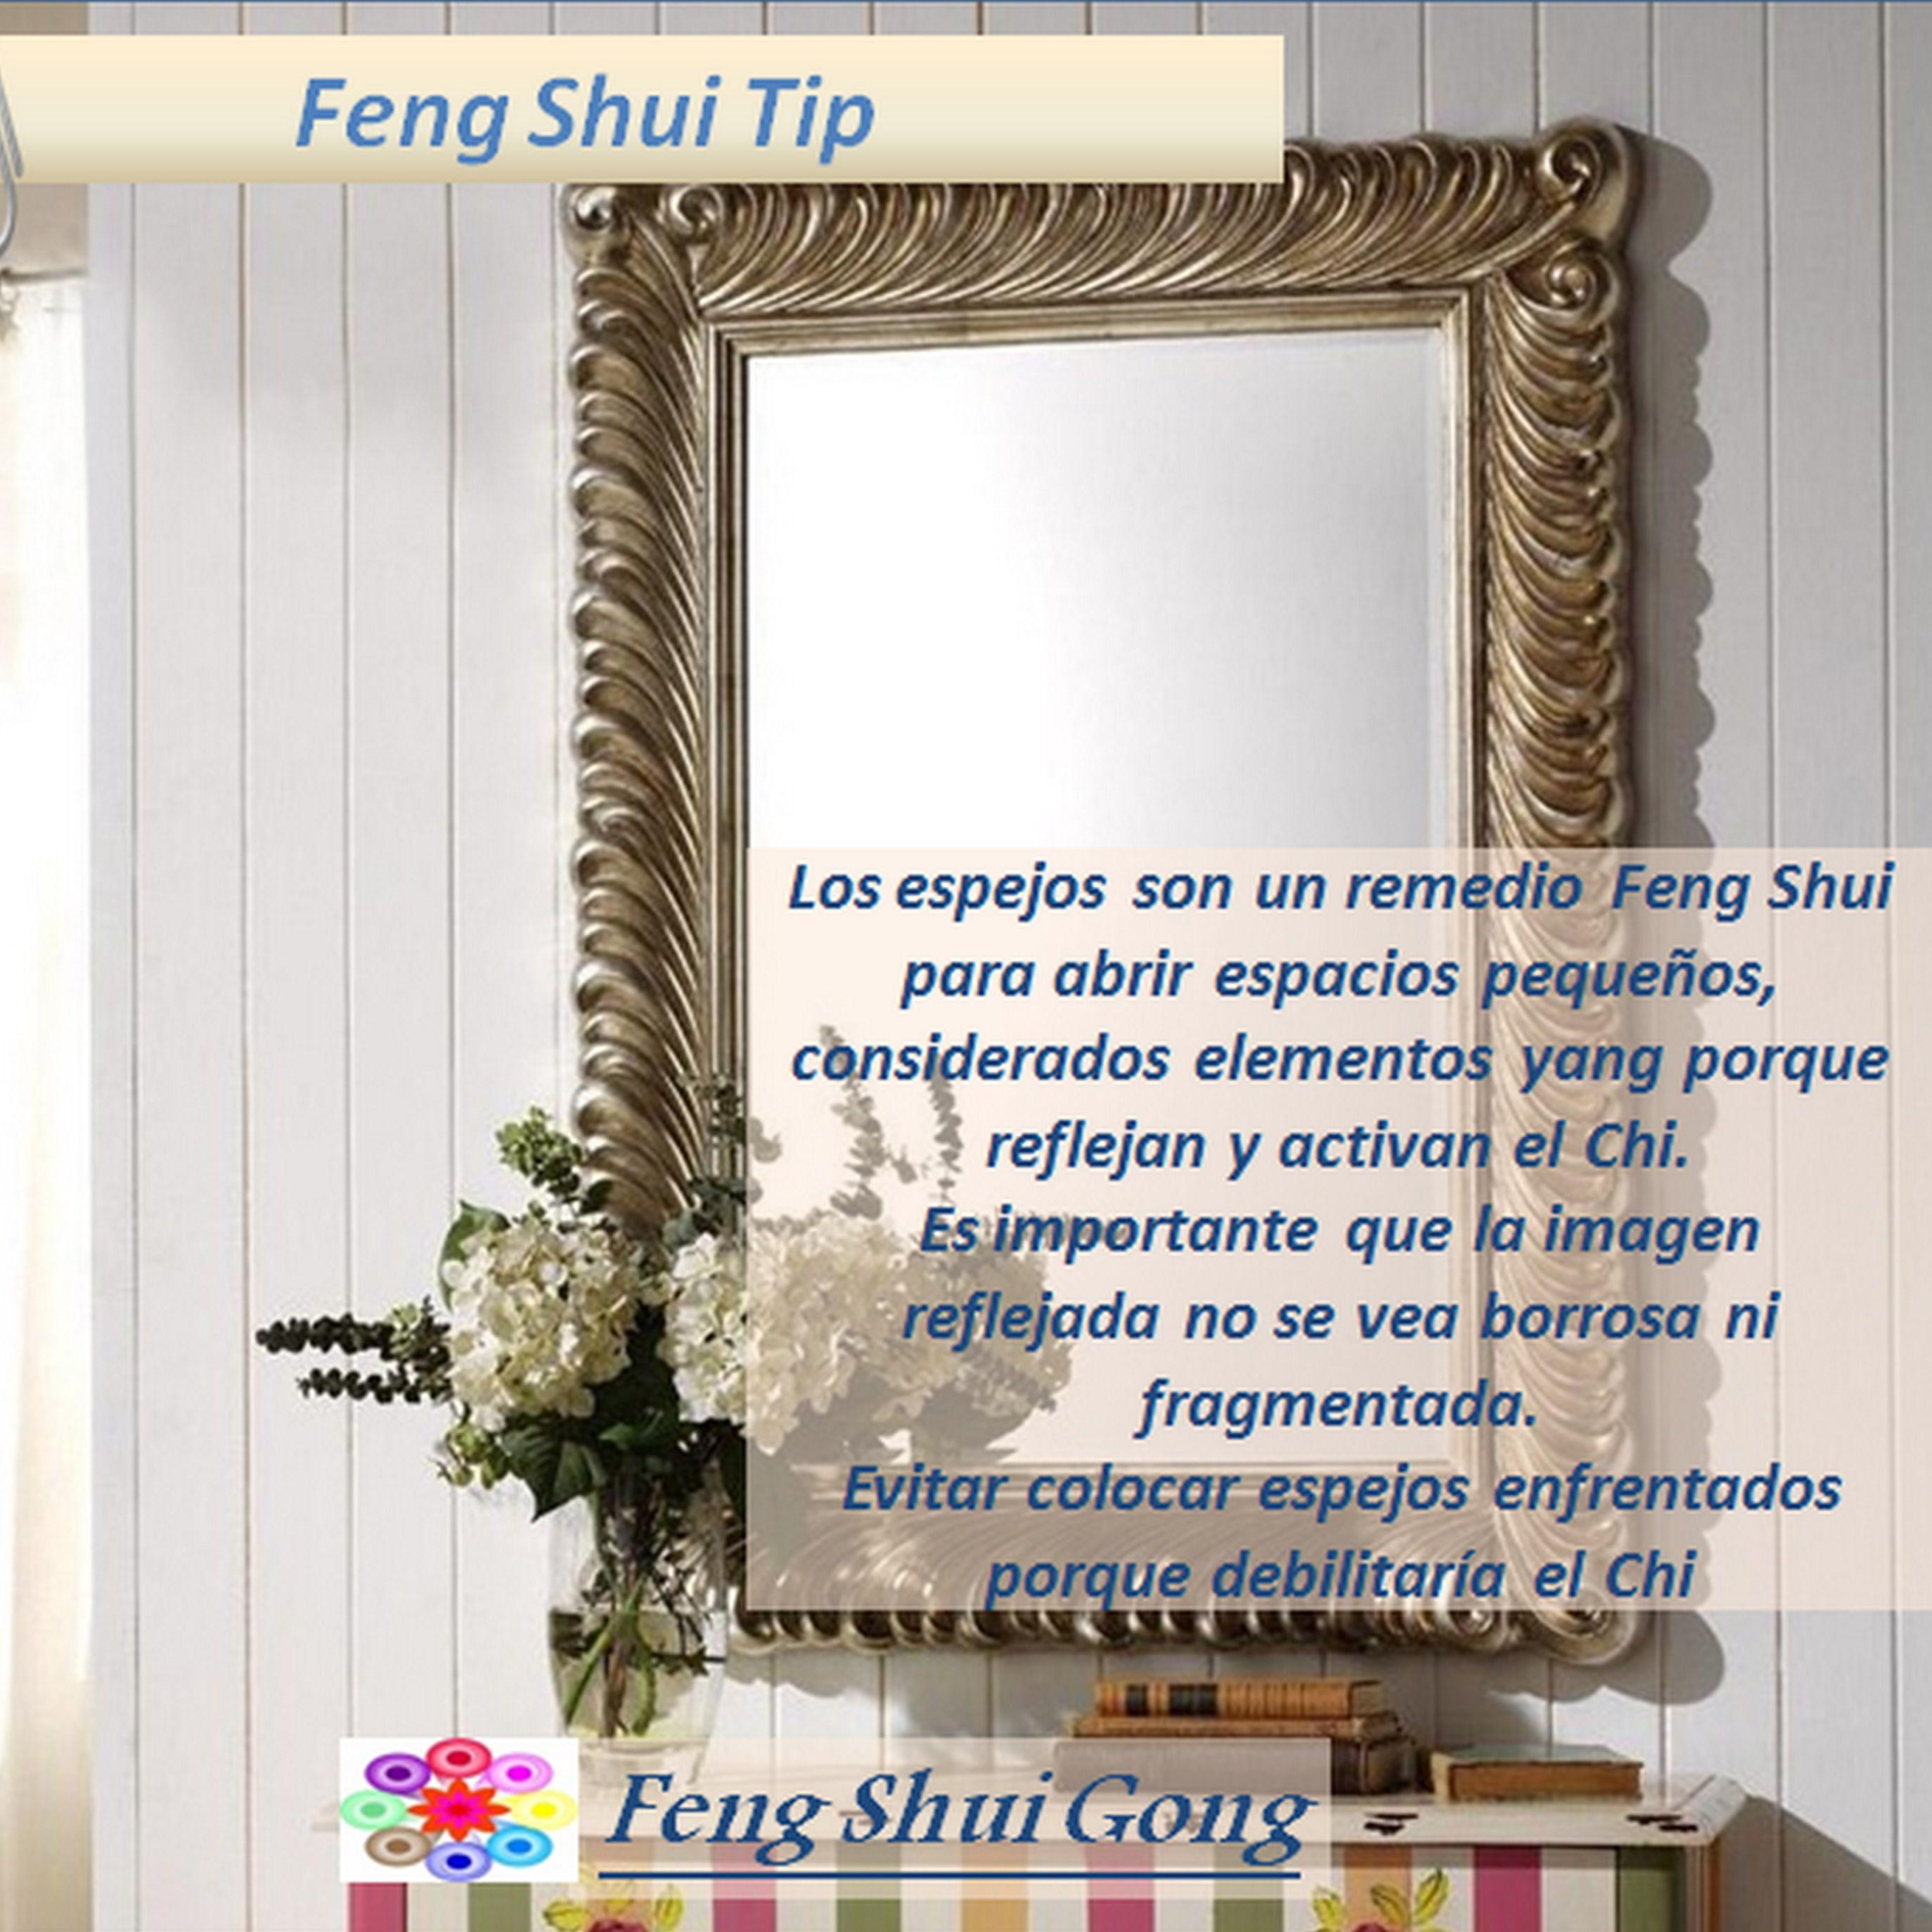 Consejo feng shui los espejos son un remedio muy - Los espejos en el feng shui ...